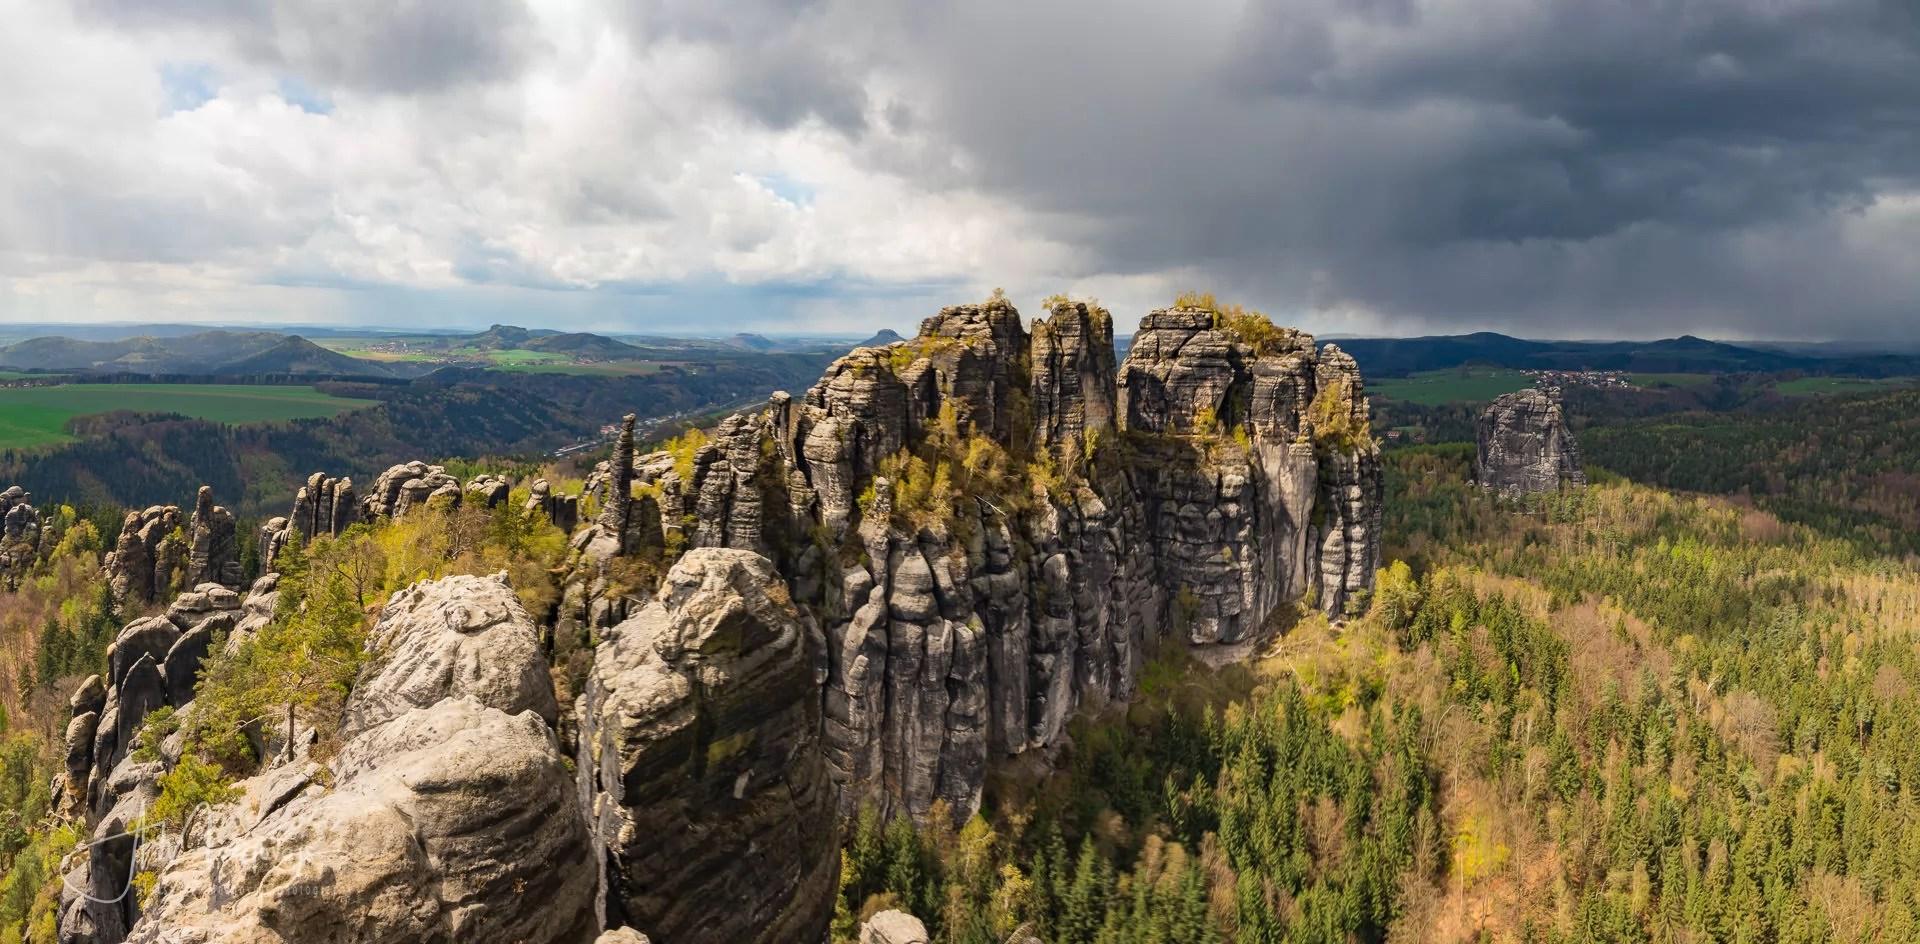 Schrammsteine ridge, Saxon Switzerland